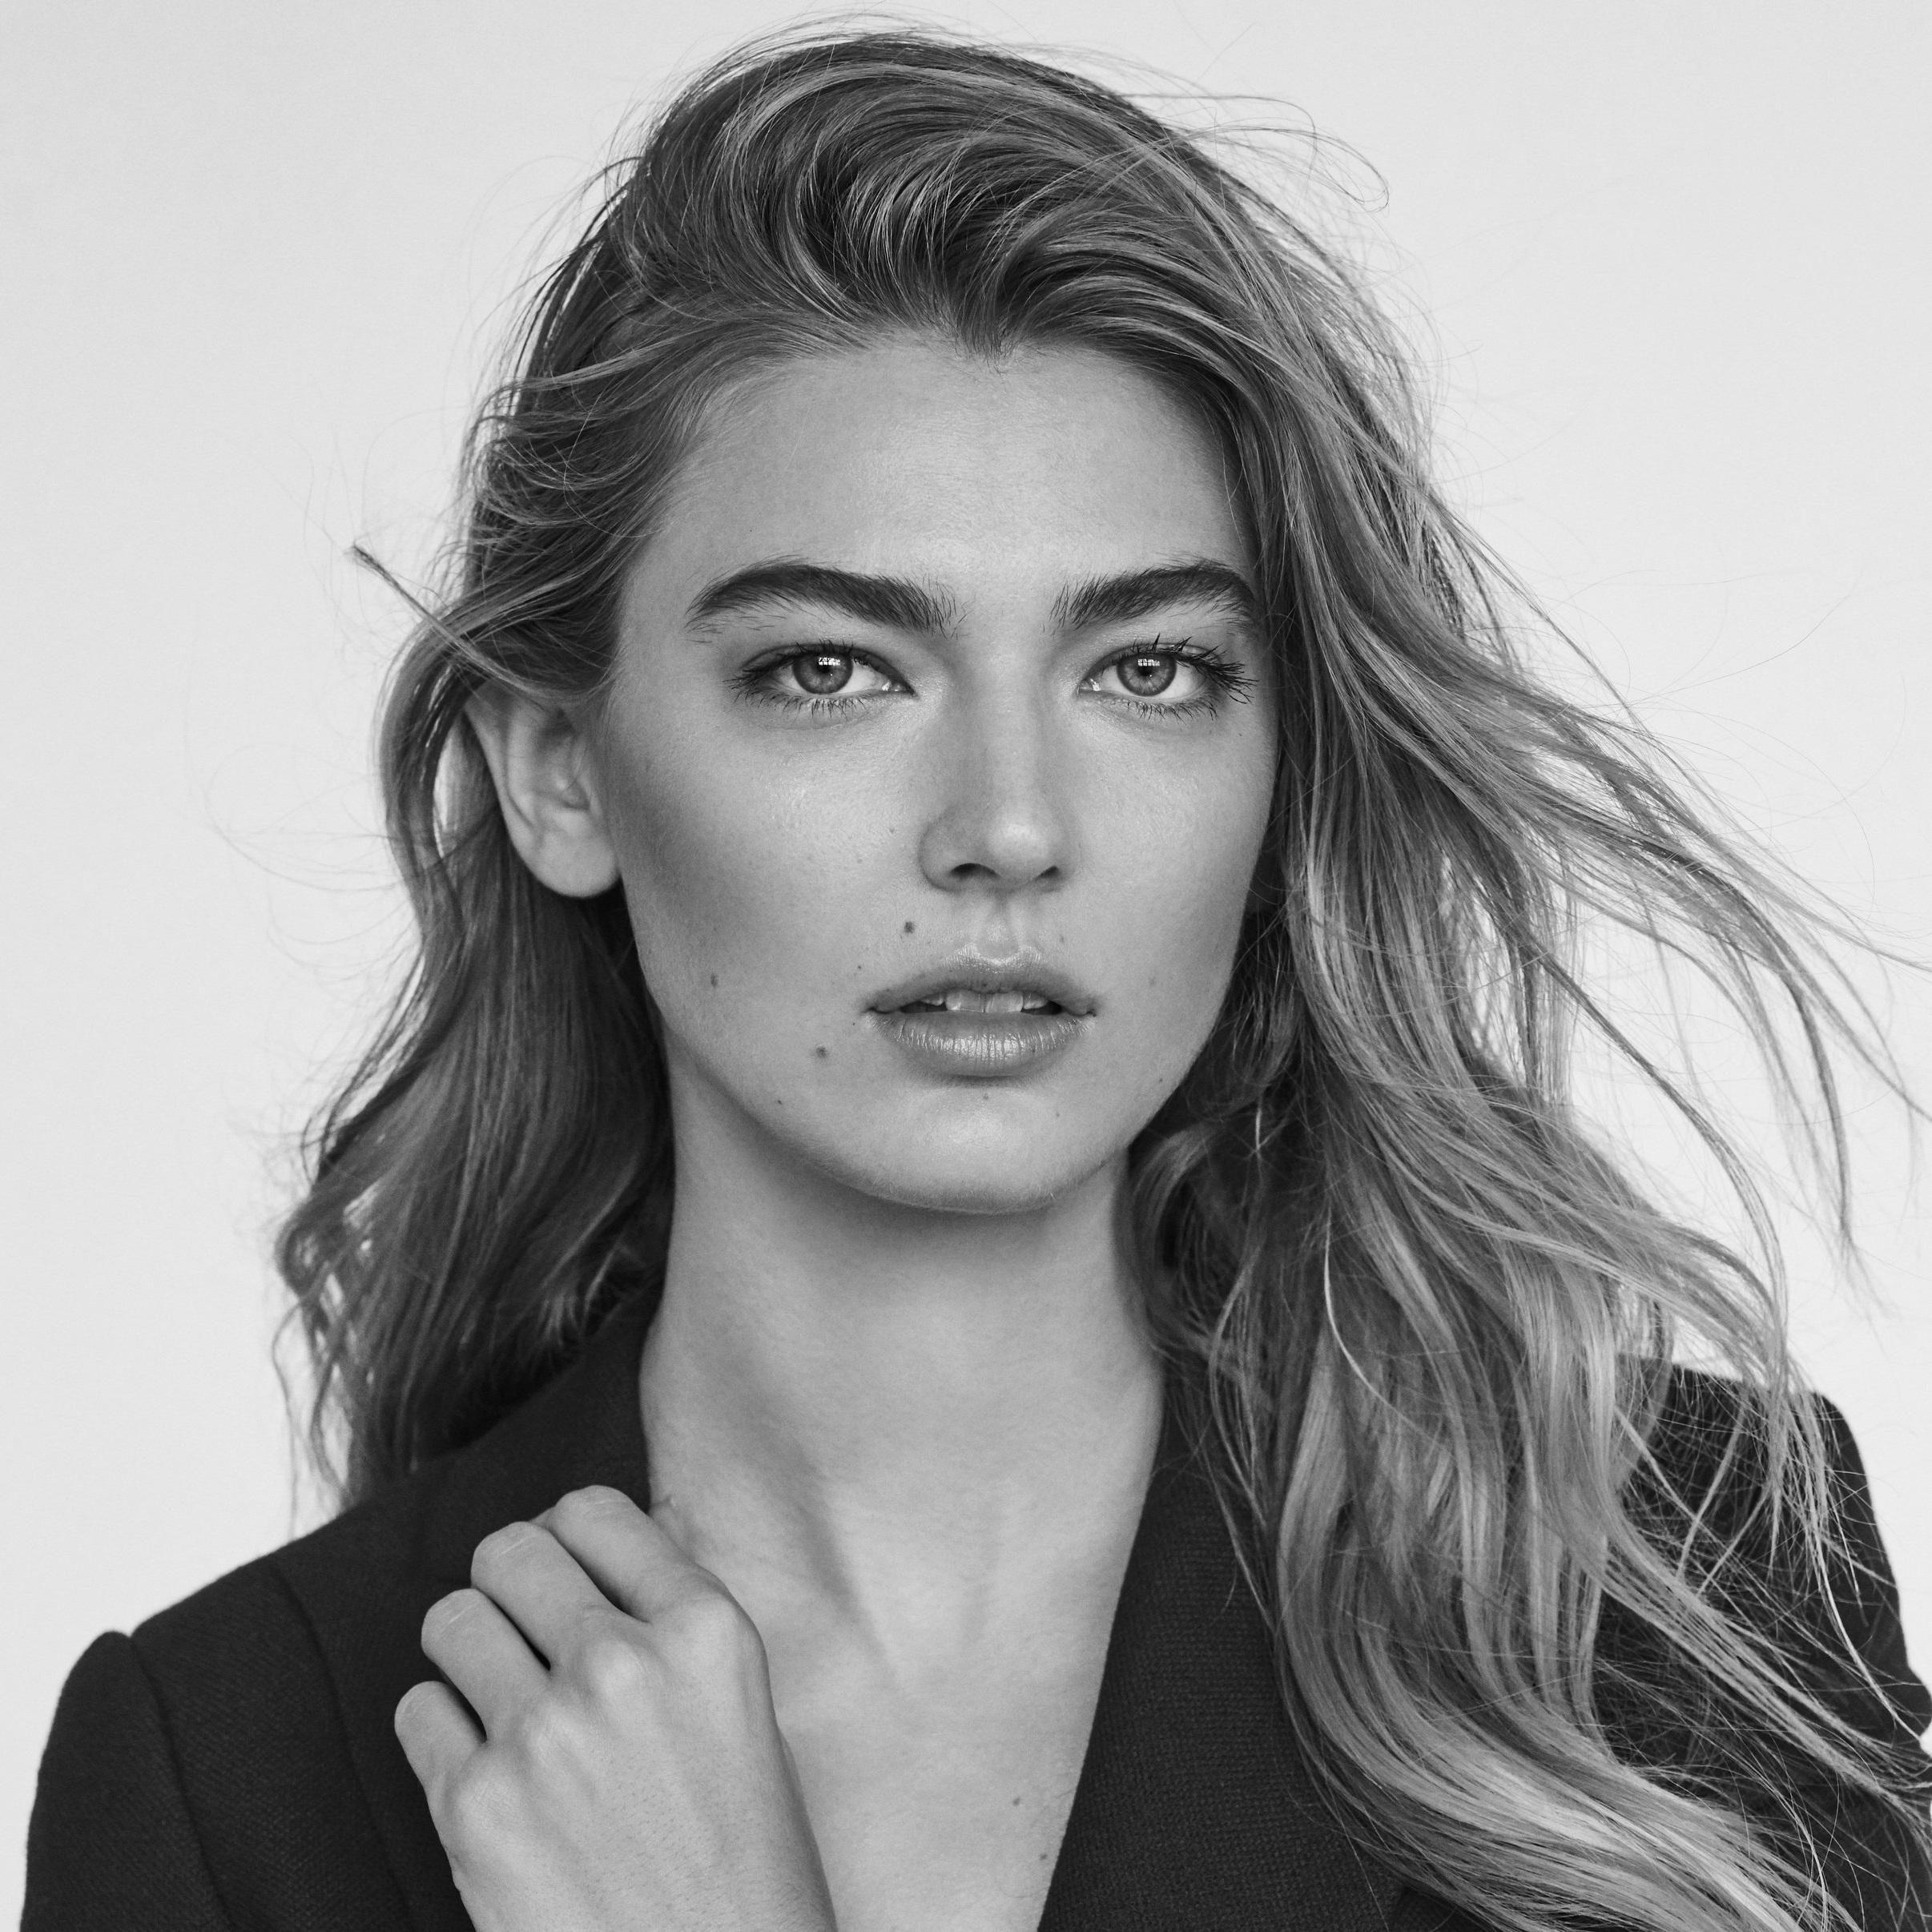 Julia Wheatley